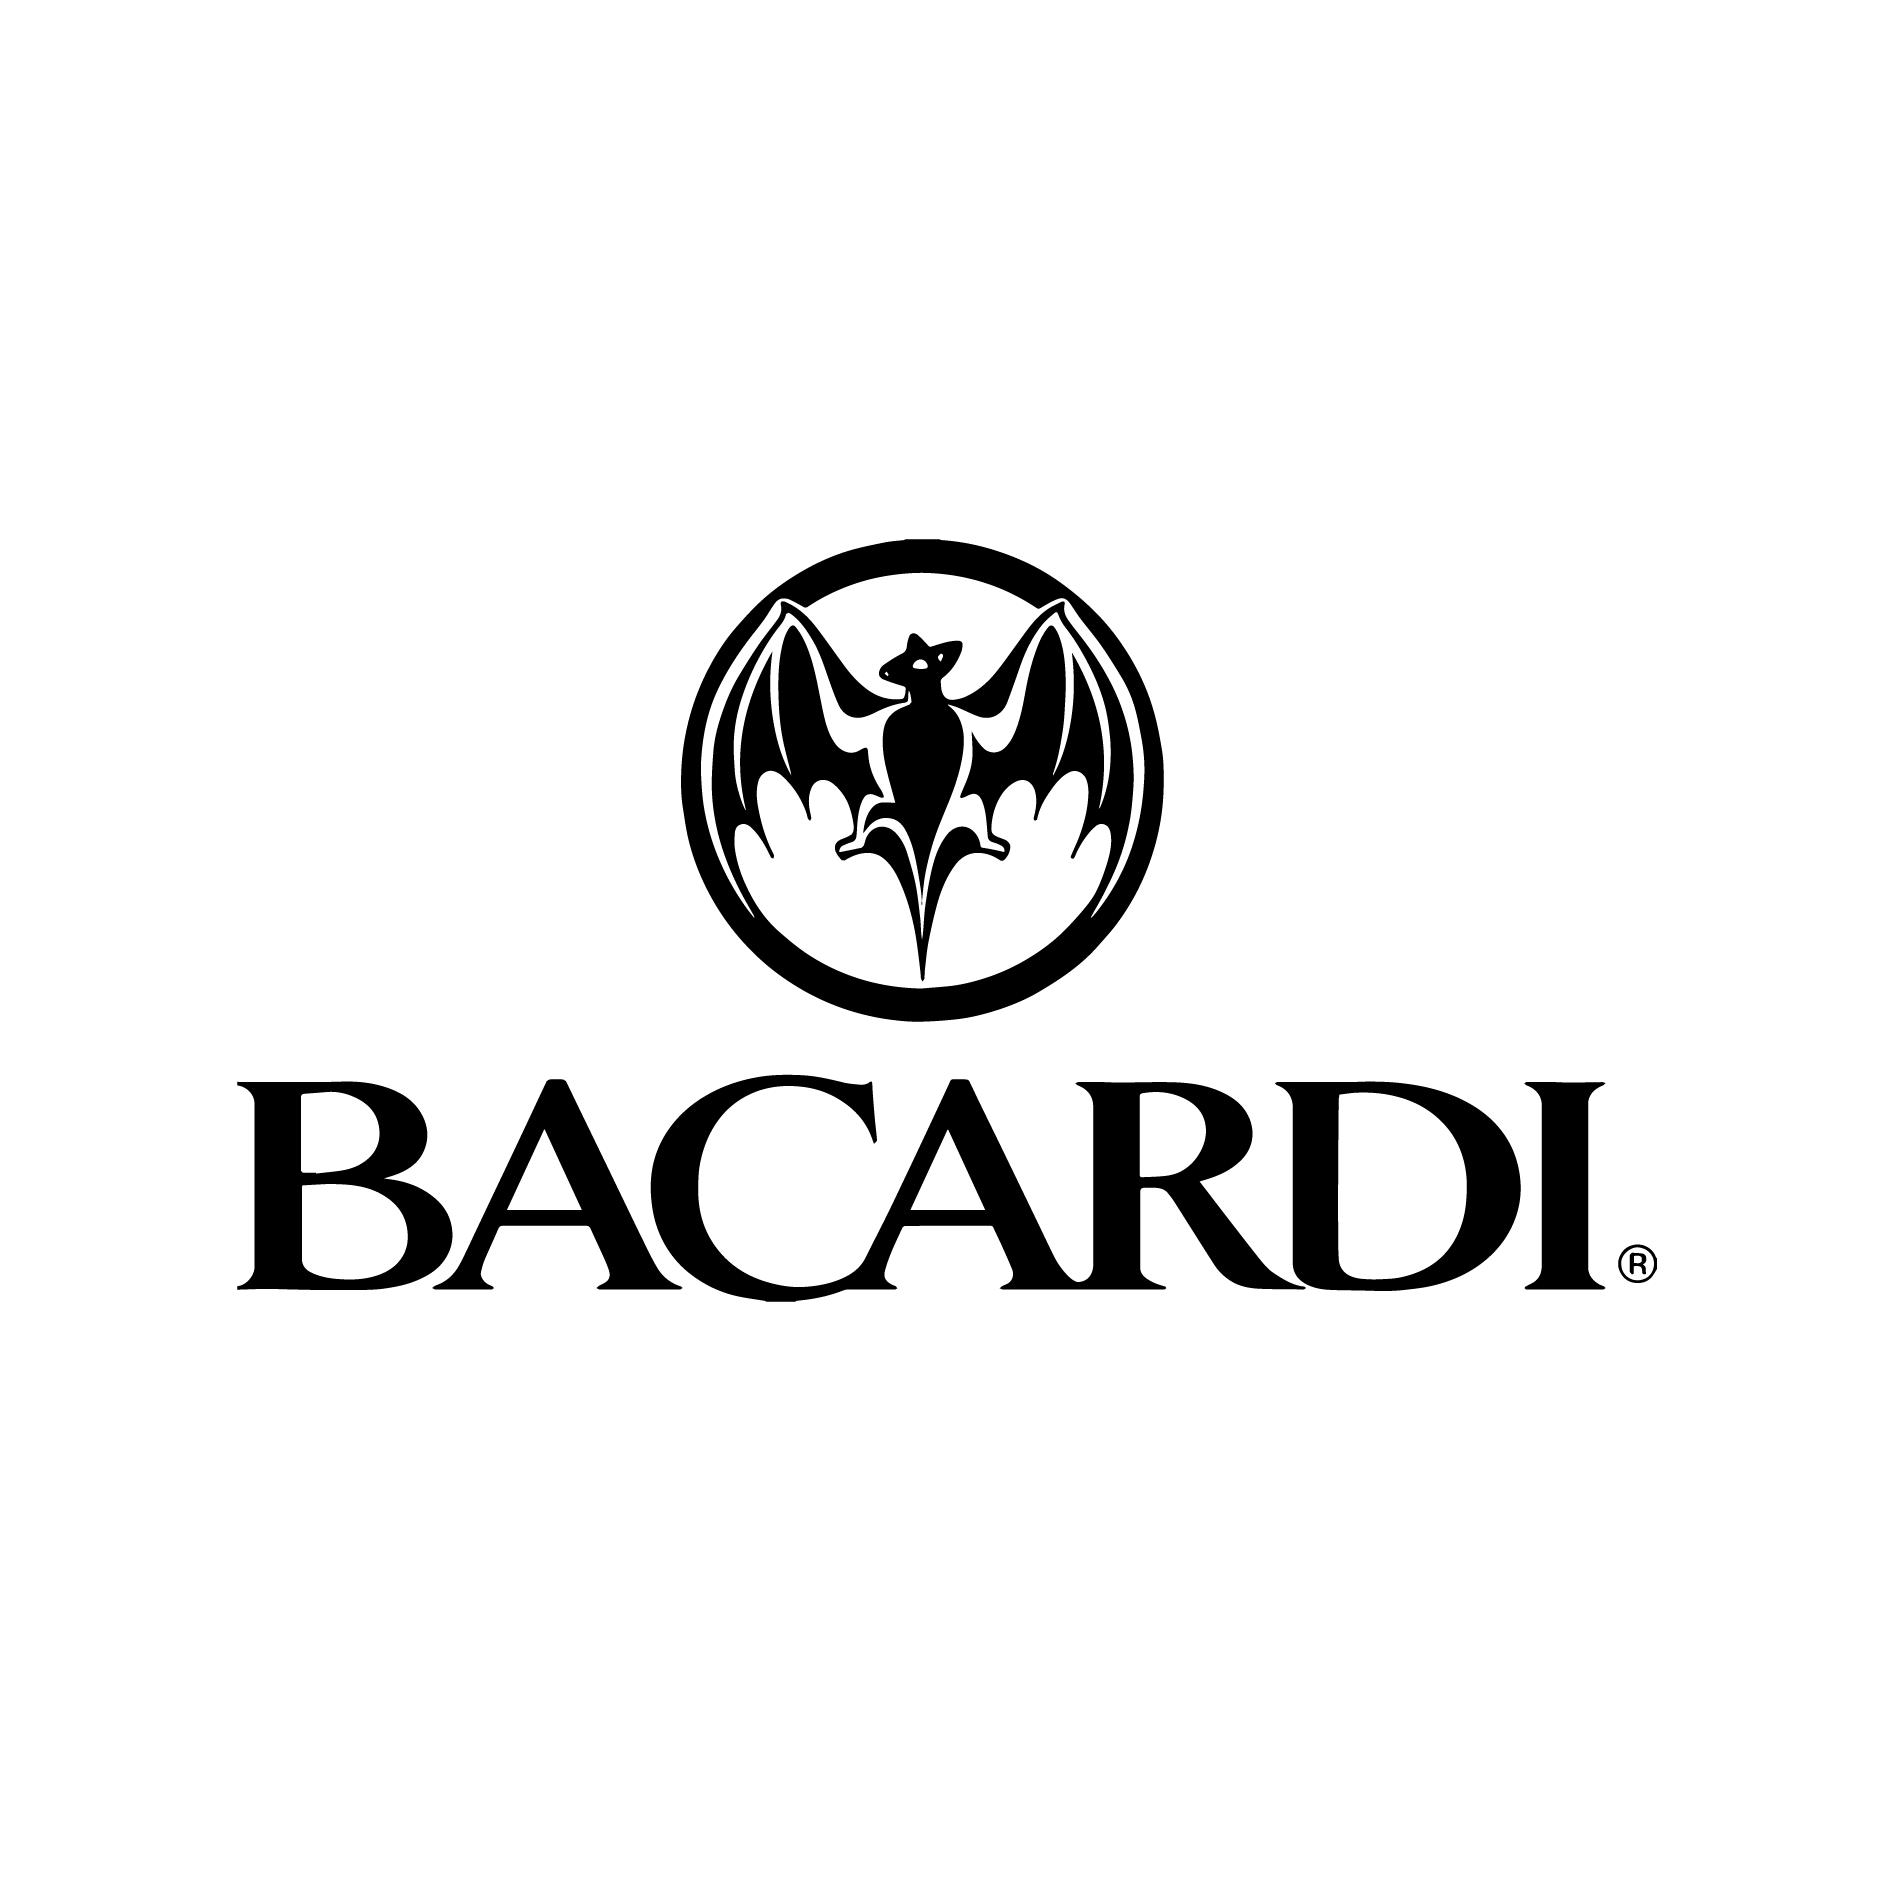 Barcardi Logo